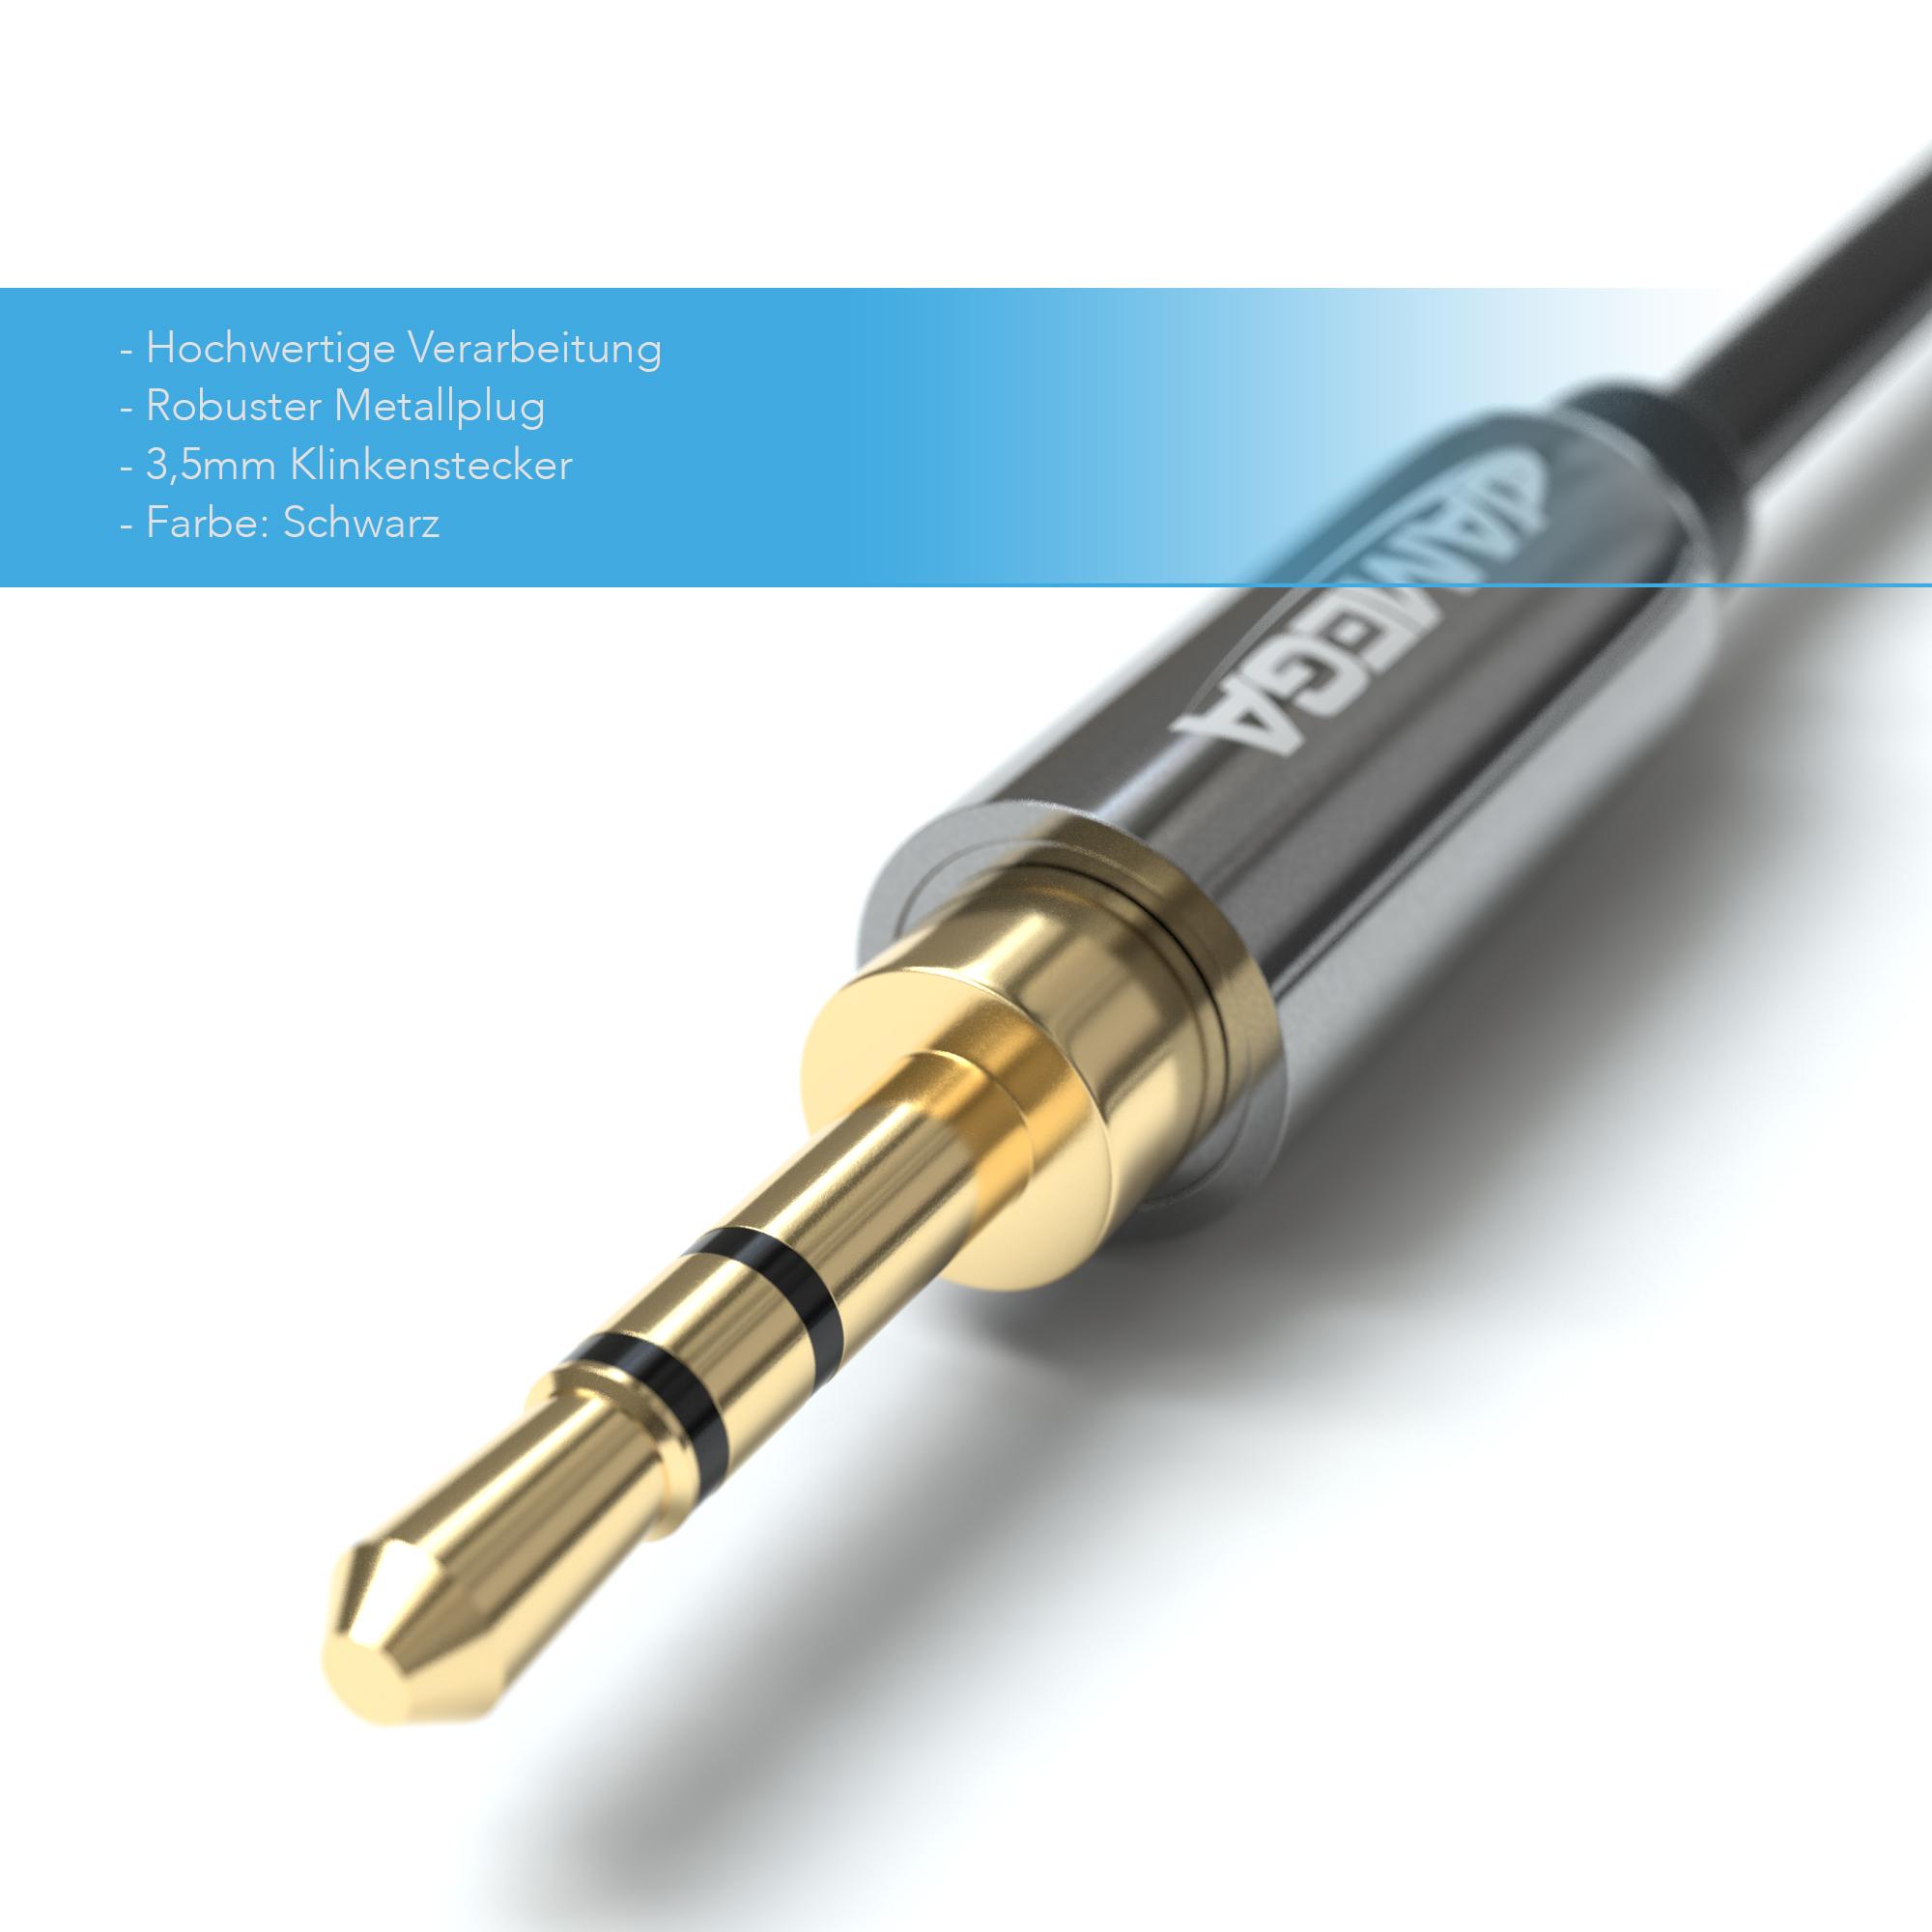 15m aux kabel 3 5mm audio stereo klinke stecker f r handy. Black Bedroom Furniture Sets. Home Design Ideas